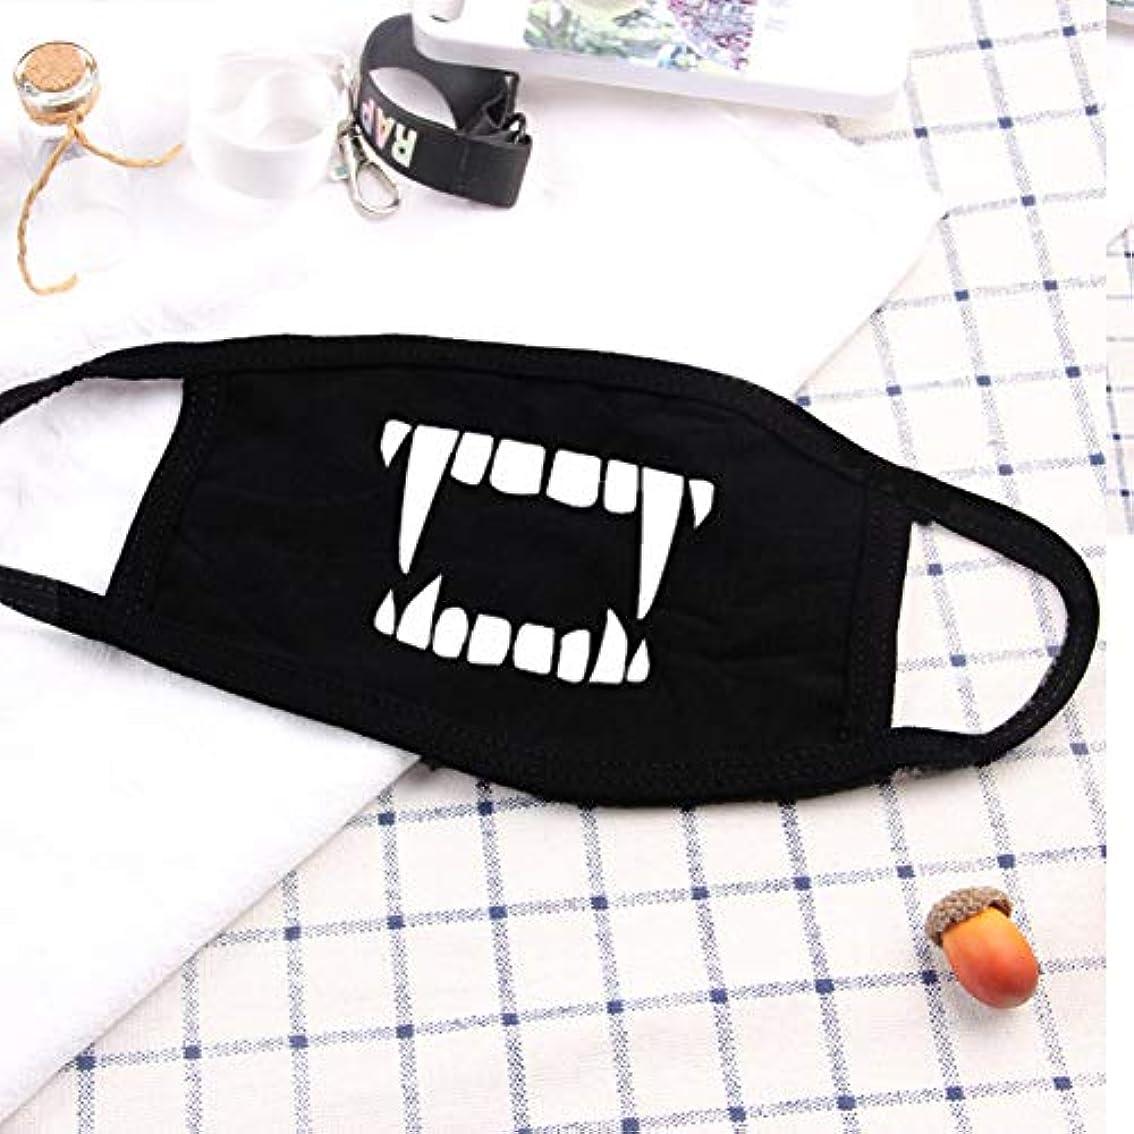 指定する知らせる原点cozyswan マスク 折り畳み 吸着効率 通気性 保温性 汚染防止 寒さ対策 空気 粉塵 濾過 効果最高 外出用